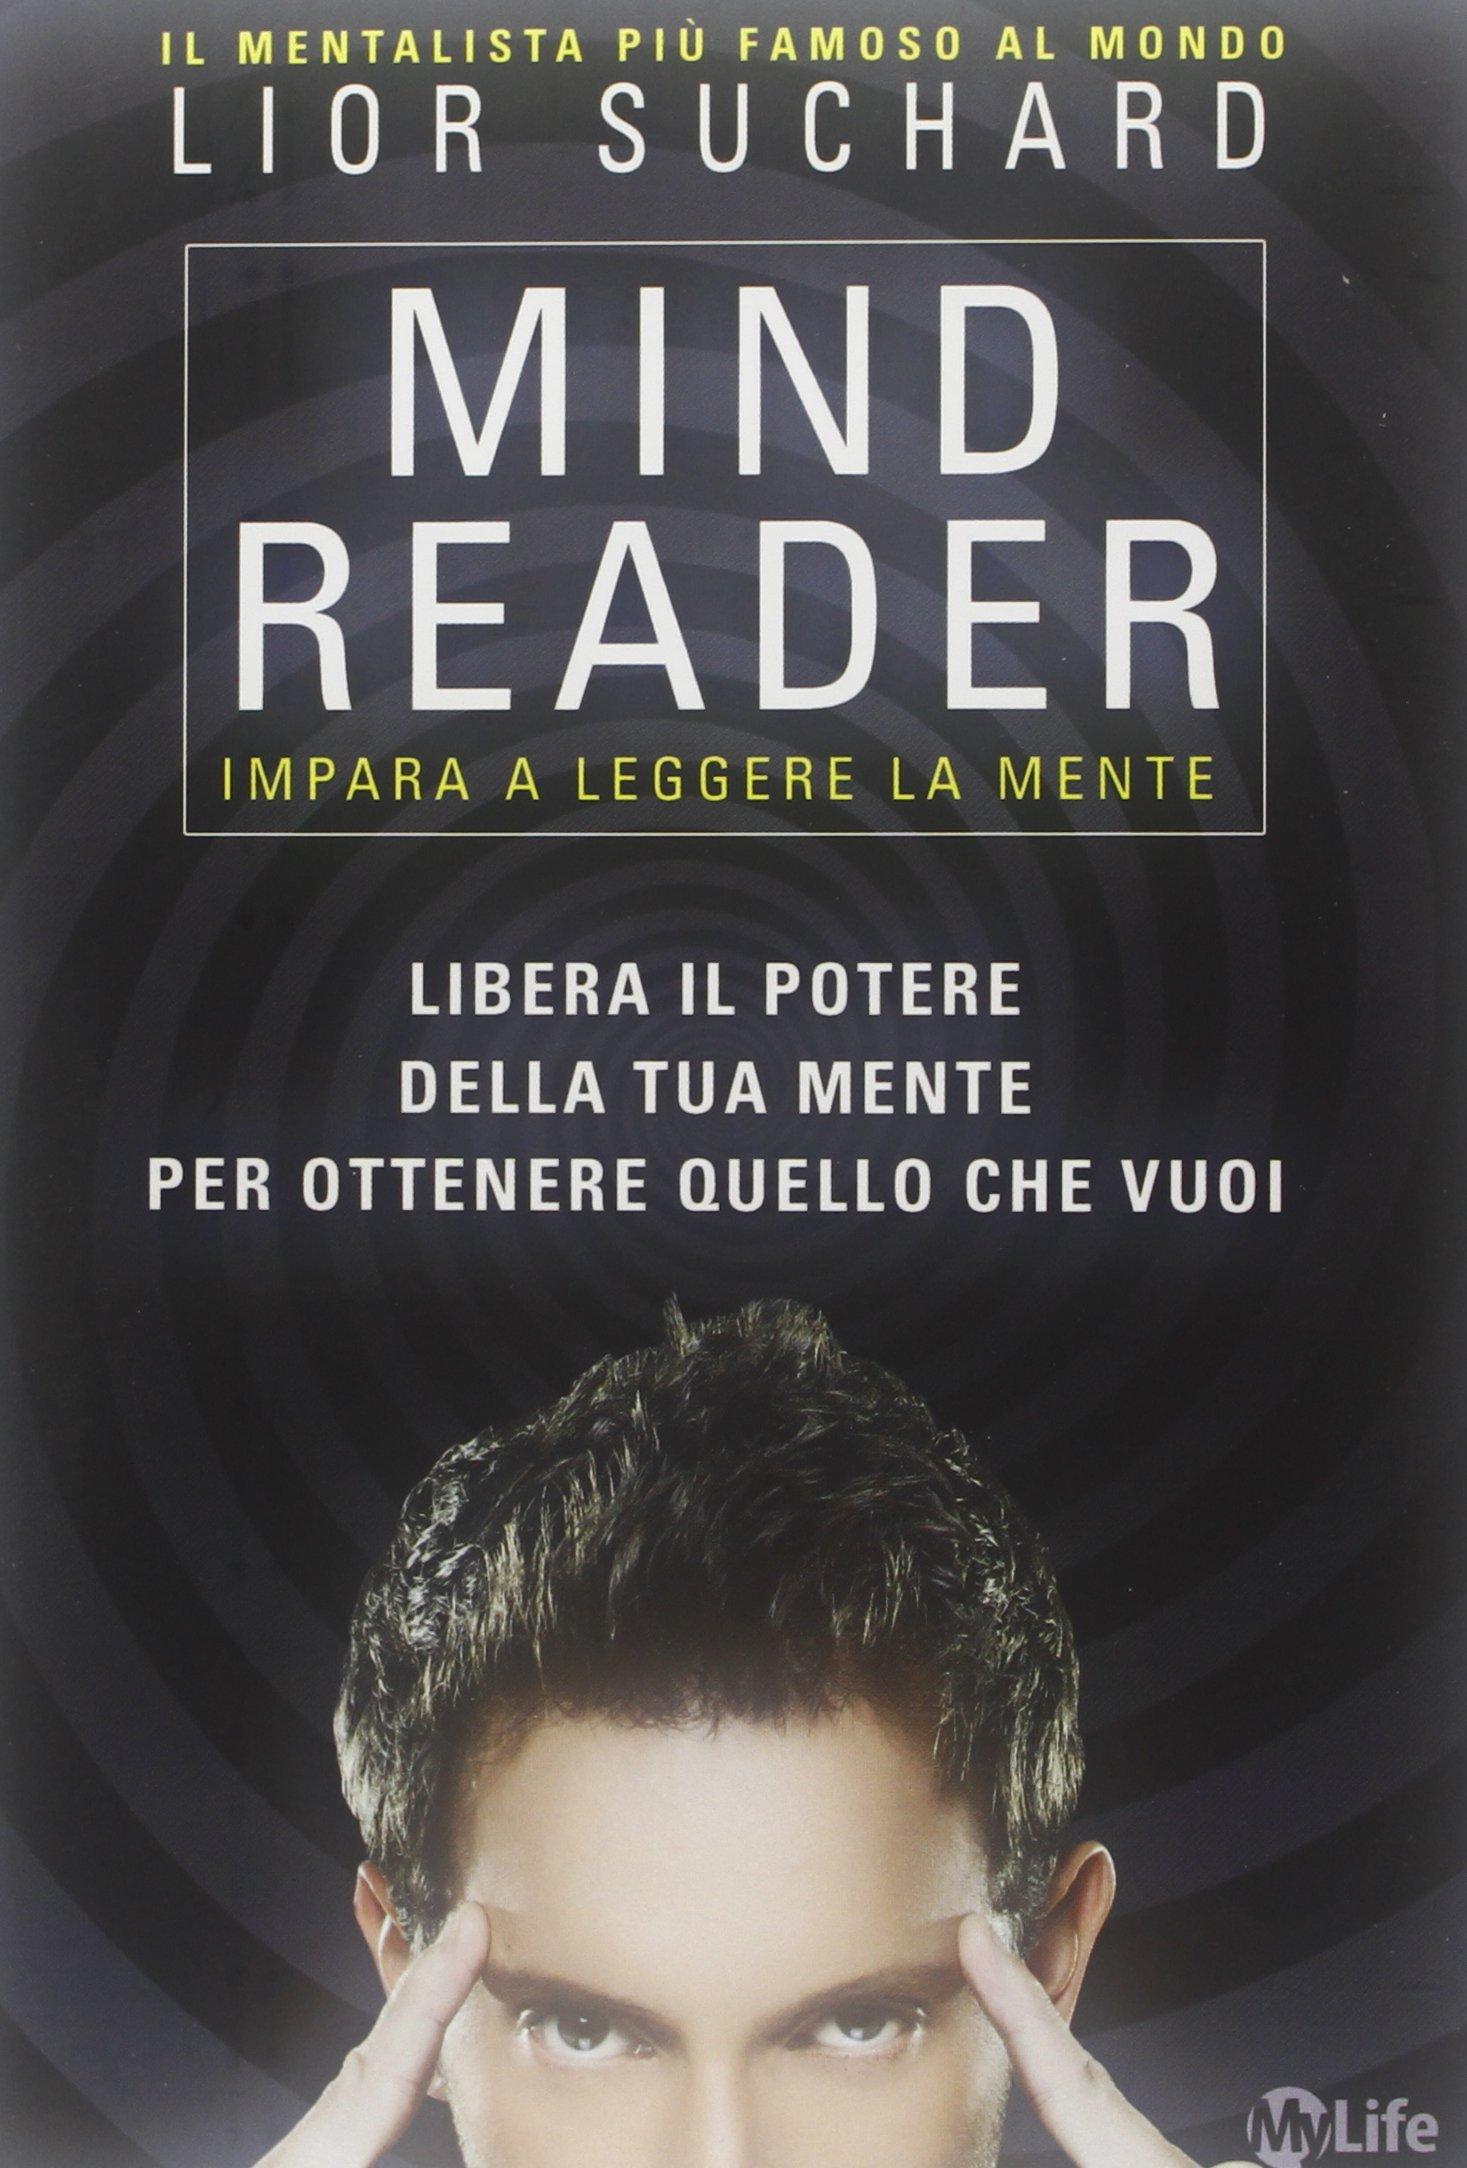 Mind Reader - Impara a leggere la mente (Psicologia e crescita personale) (Italian Edition)